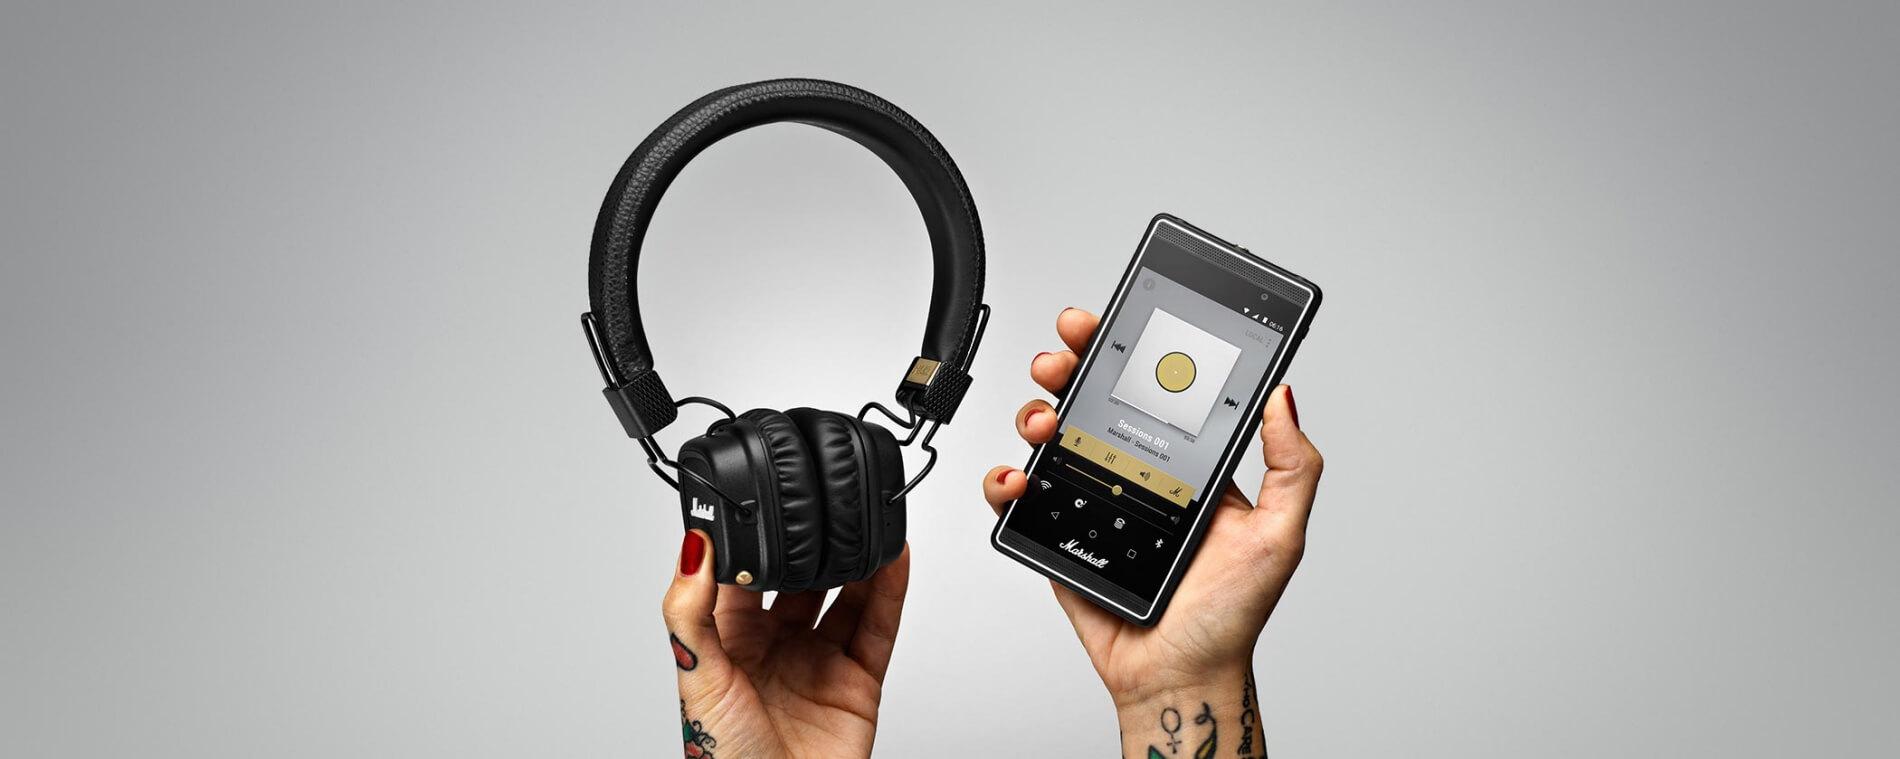 MARSHALL Major II Bluetooth Black купить Hi-Fi наушники в Москве в интернет-магазине по низкой цене.